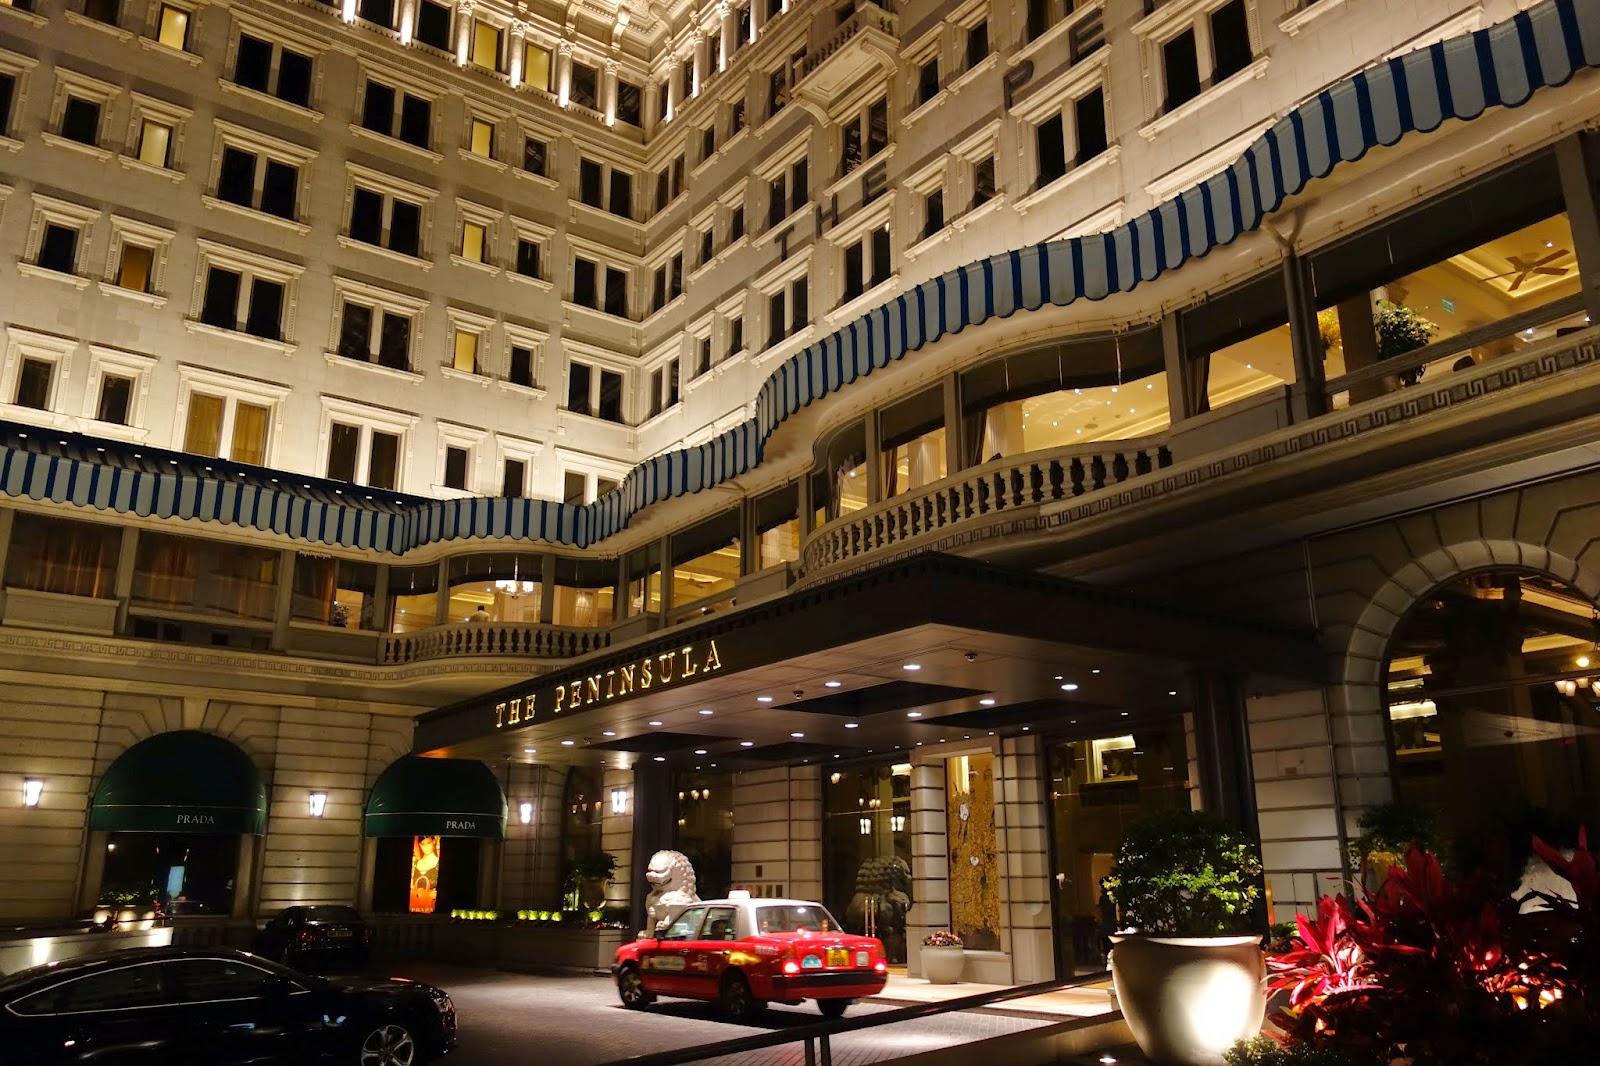 Felix Restaurant And Bar Hong Kong